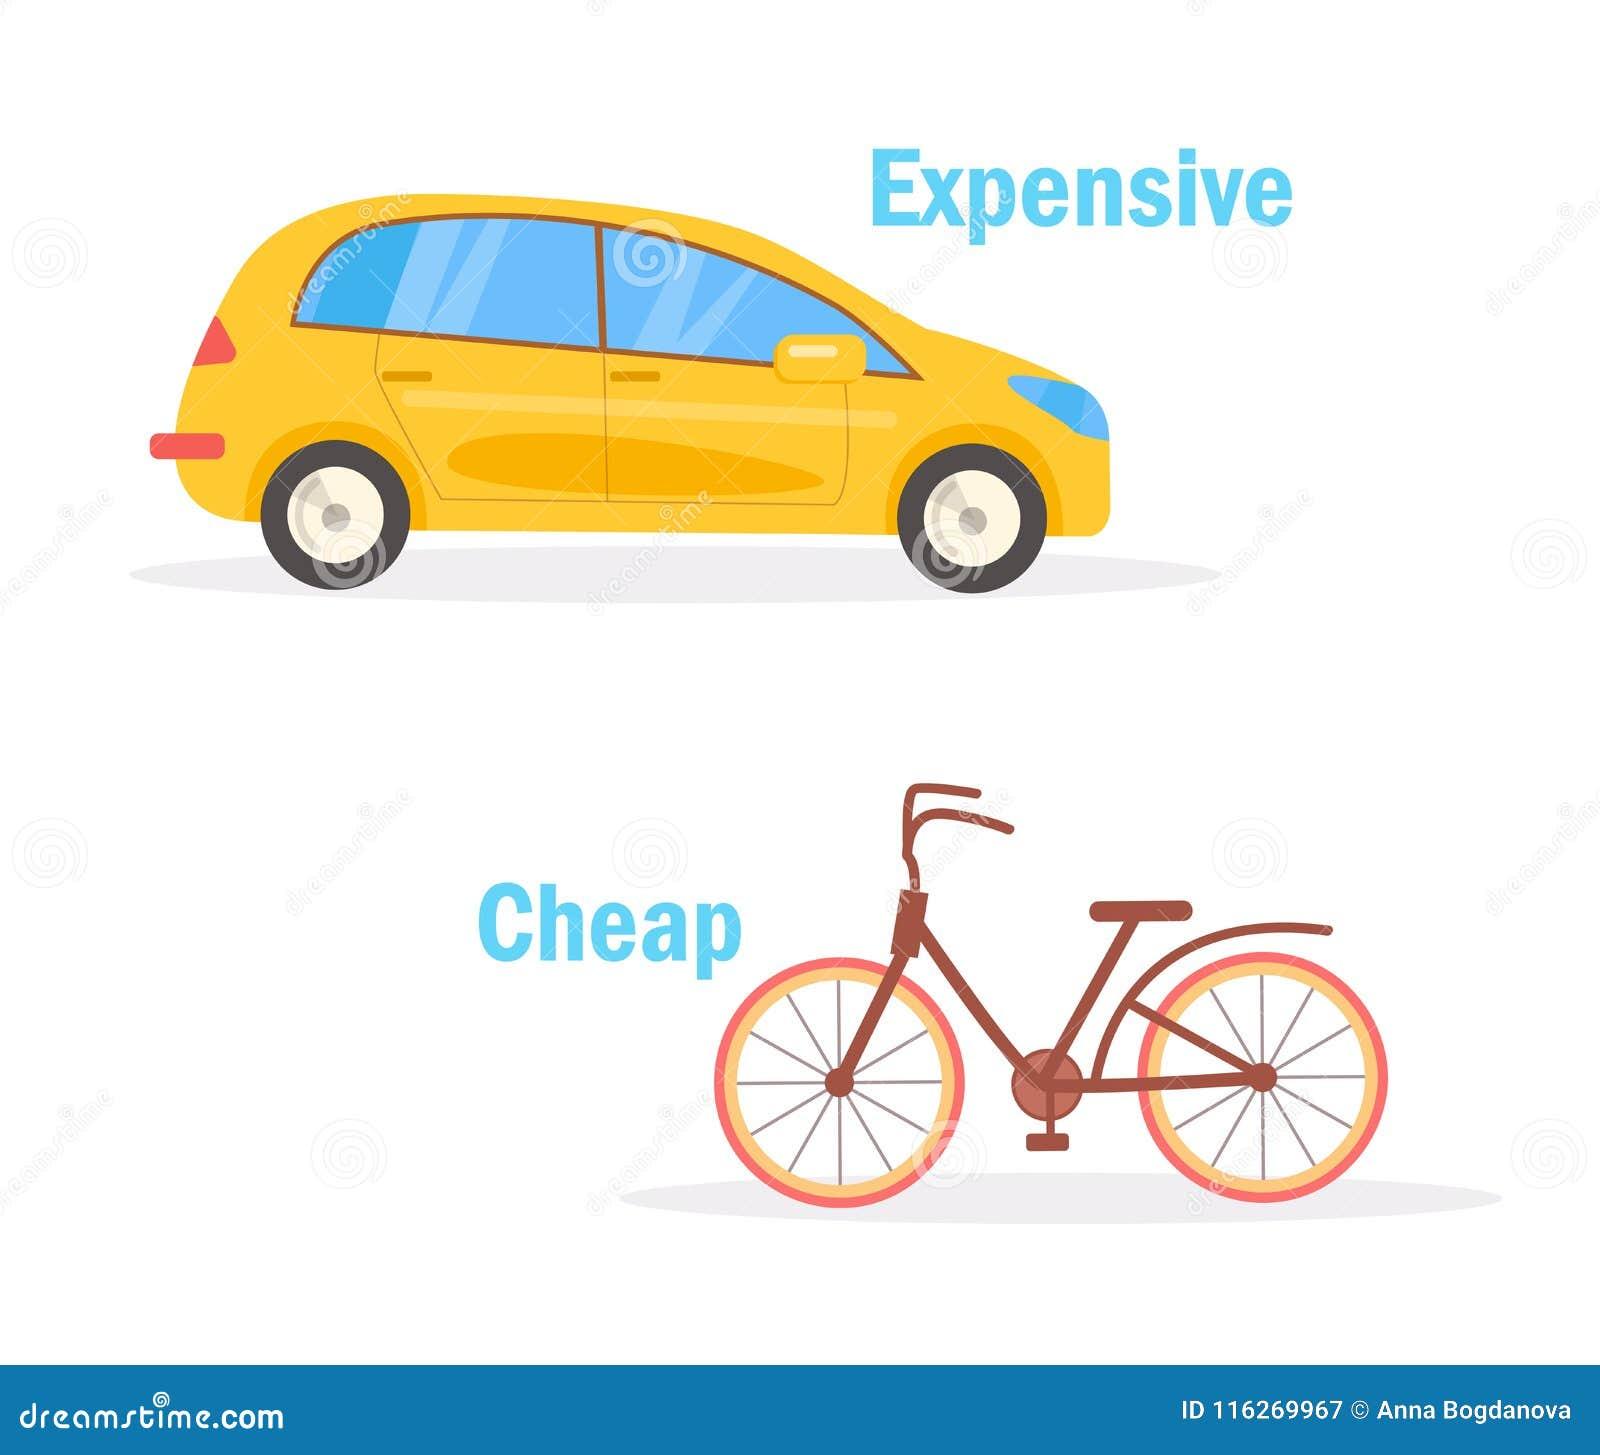 Cheap Expensive Vector. Cartoon Stock Vector